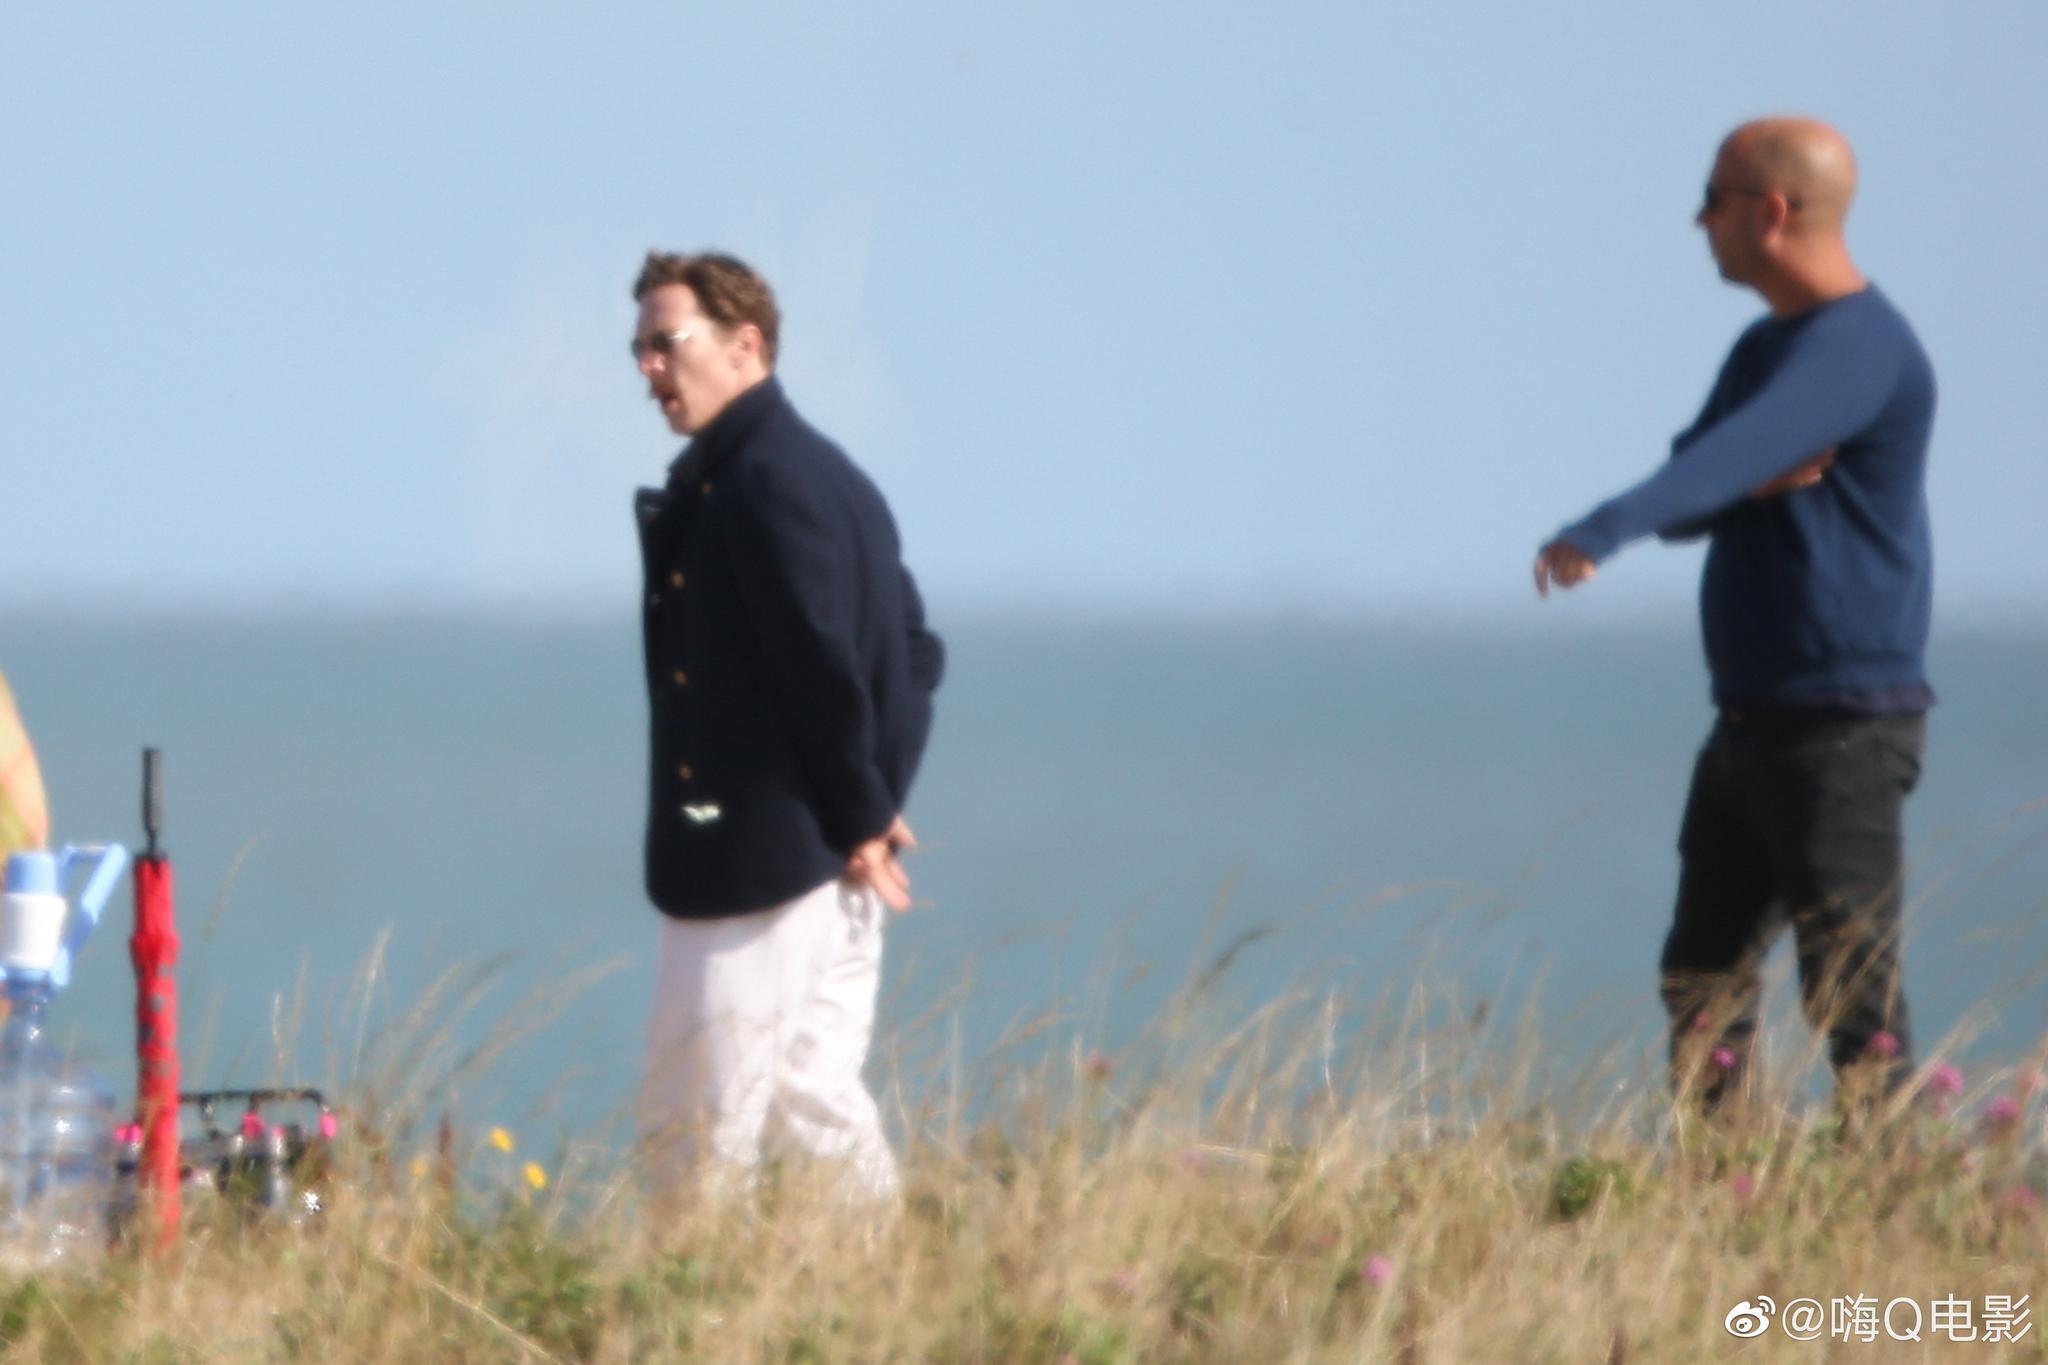 本尼迪克特·康伯巴奇和克莱尔·芙伊9月17日拍摄新片《路易斯·韦恩》